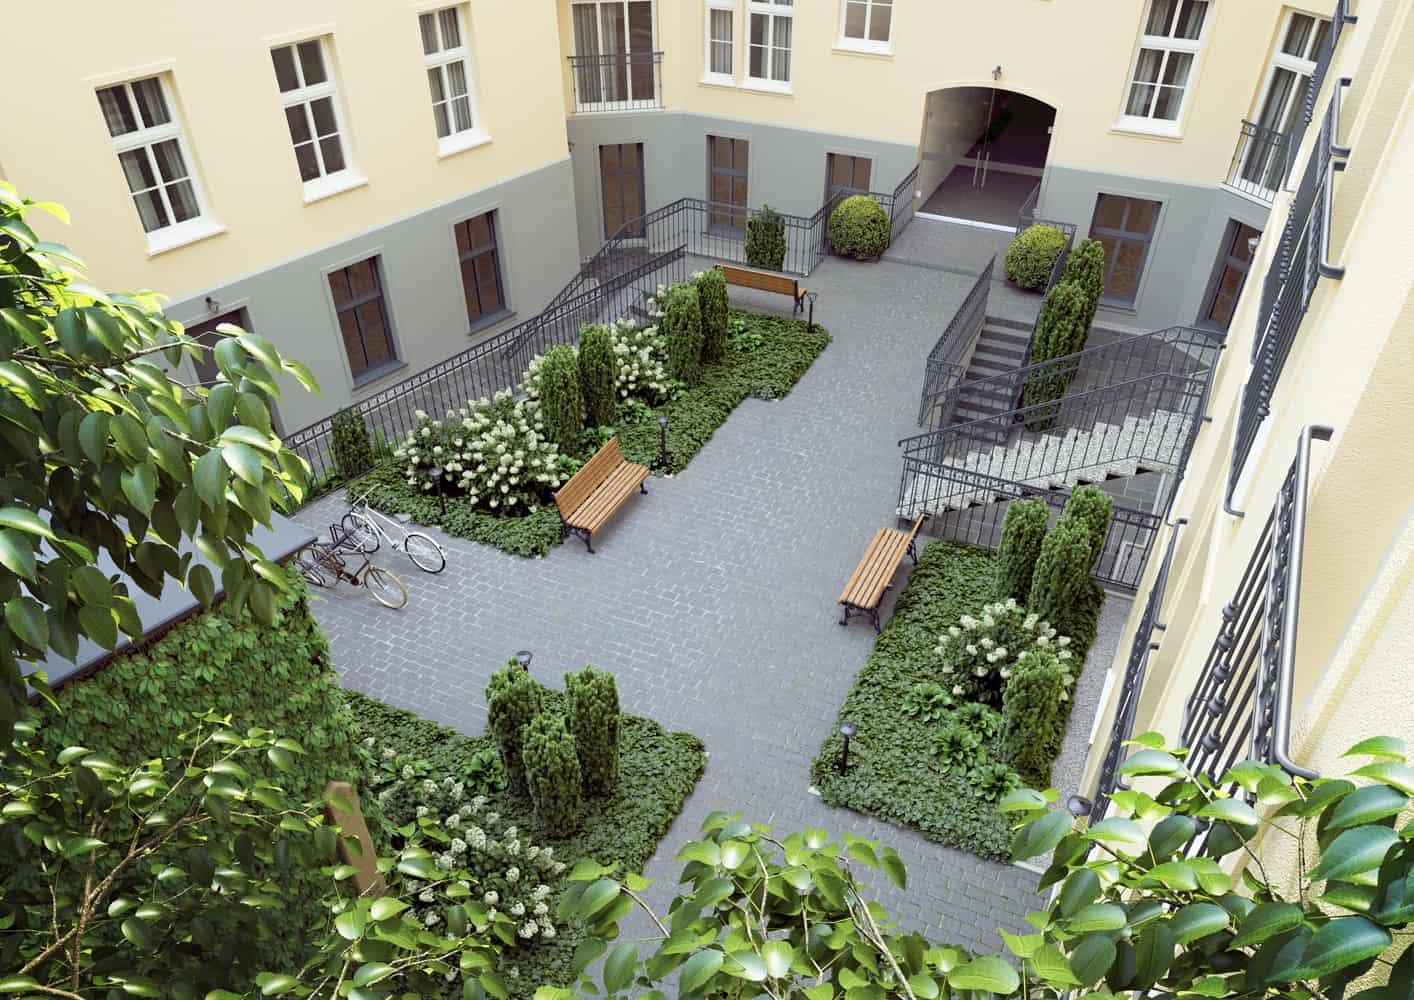 Biuro sprzedaży: Mieszkania w prestiżowej inwestycji przy ul. 23 Lutego 11